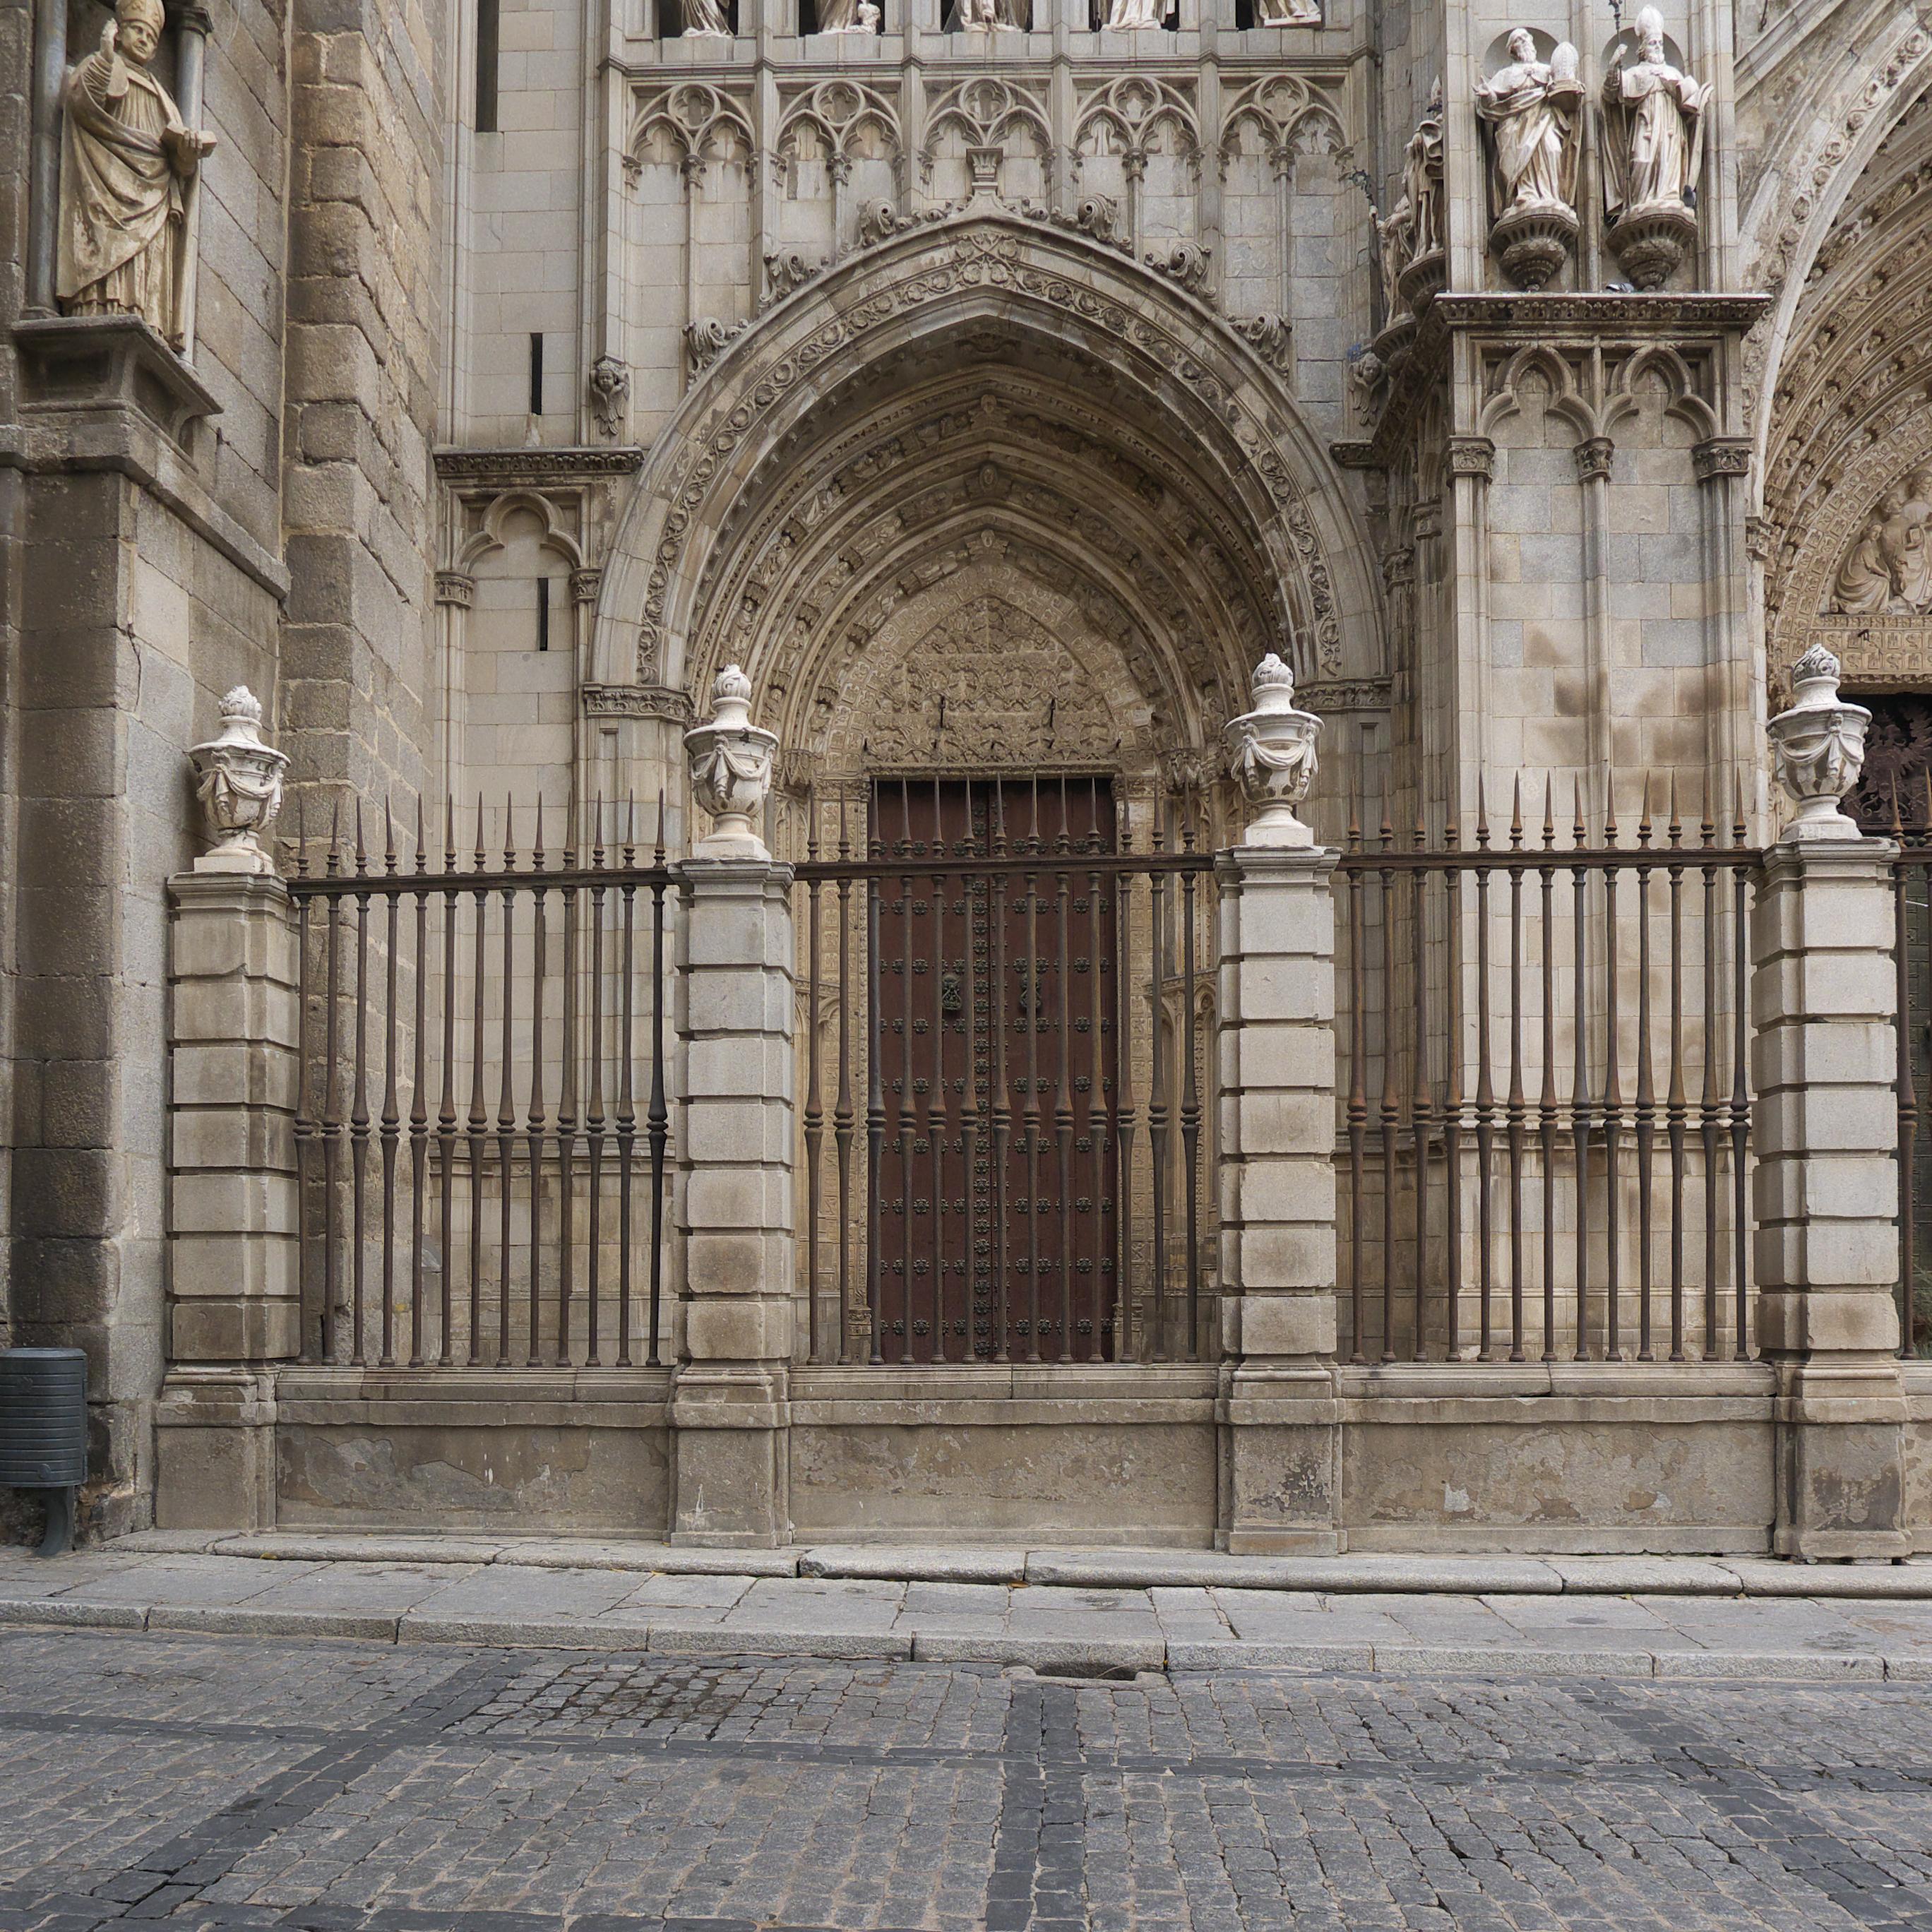 File:Puerta del Infierno. Catedral de Toledo.jpg